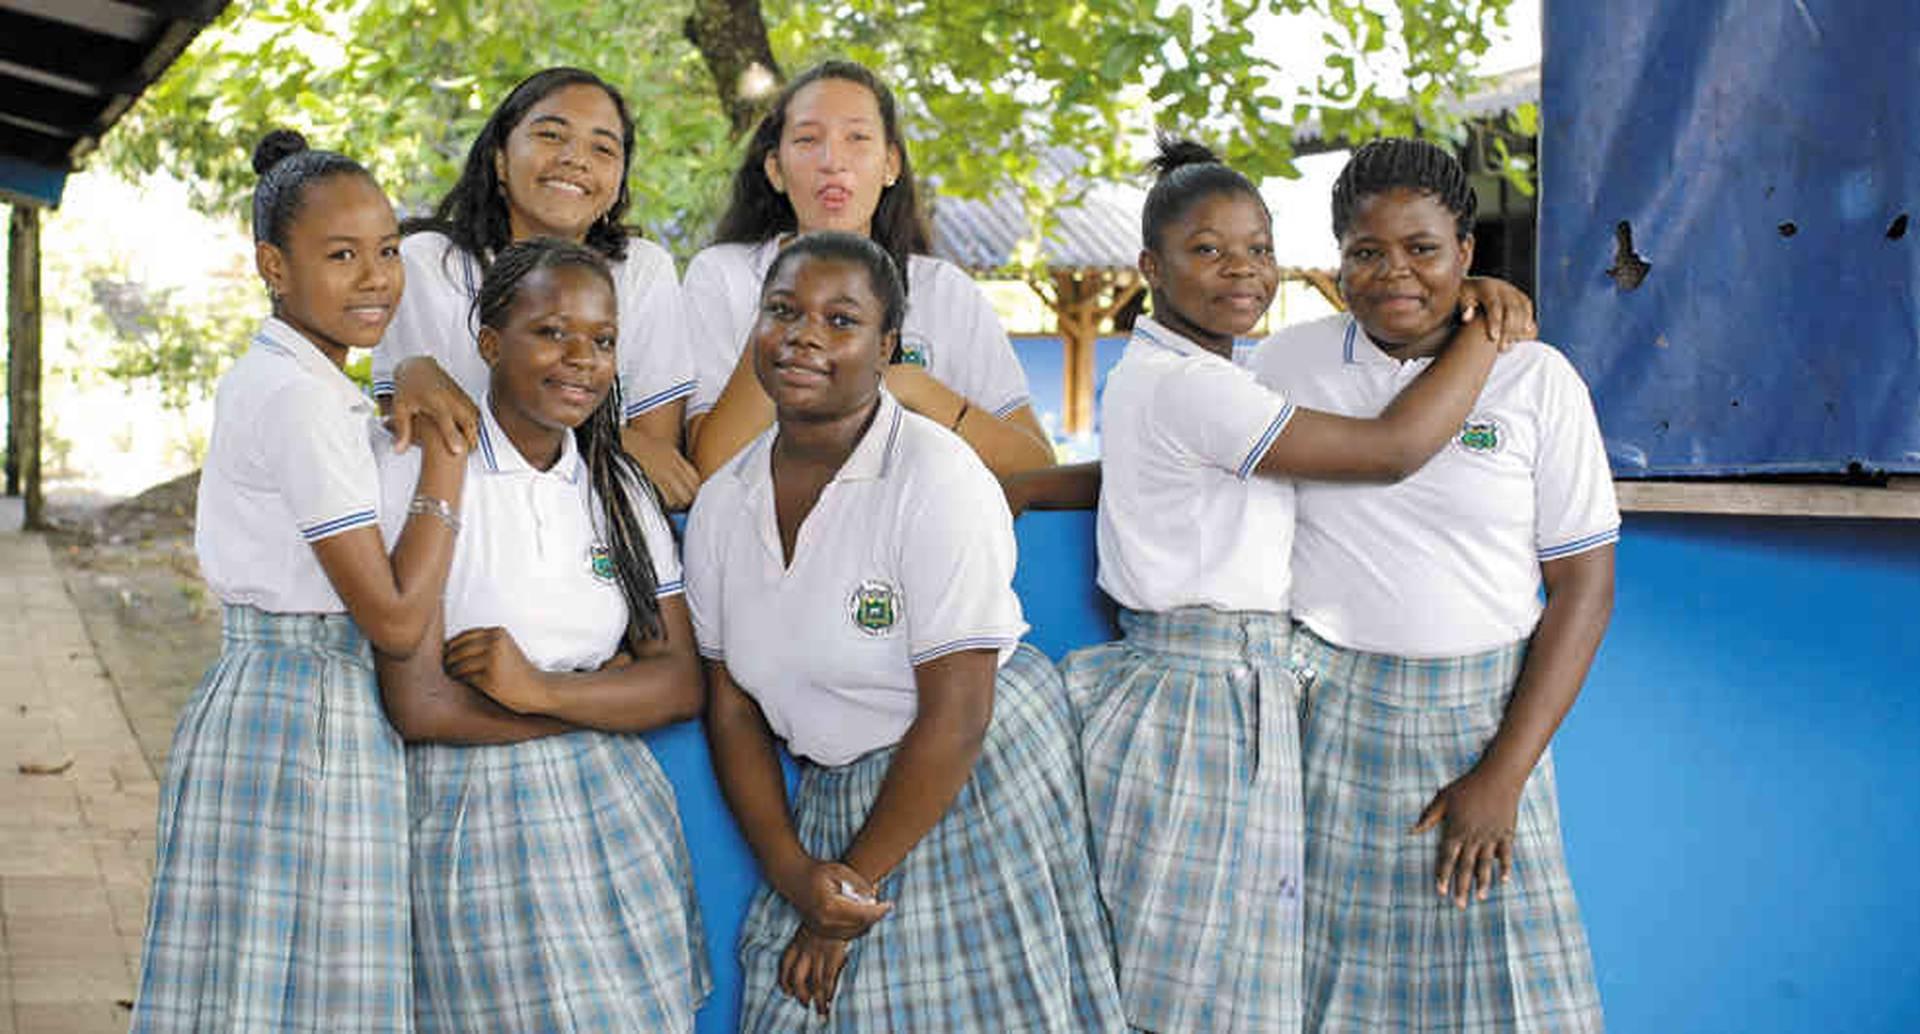 Estudiantes del colegio Ineder, donde Unfpa está presente con el proyecto Salud para la Paz, Fortaleciendo Comunidades.